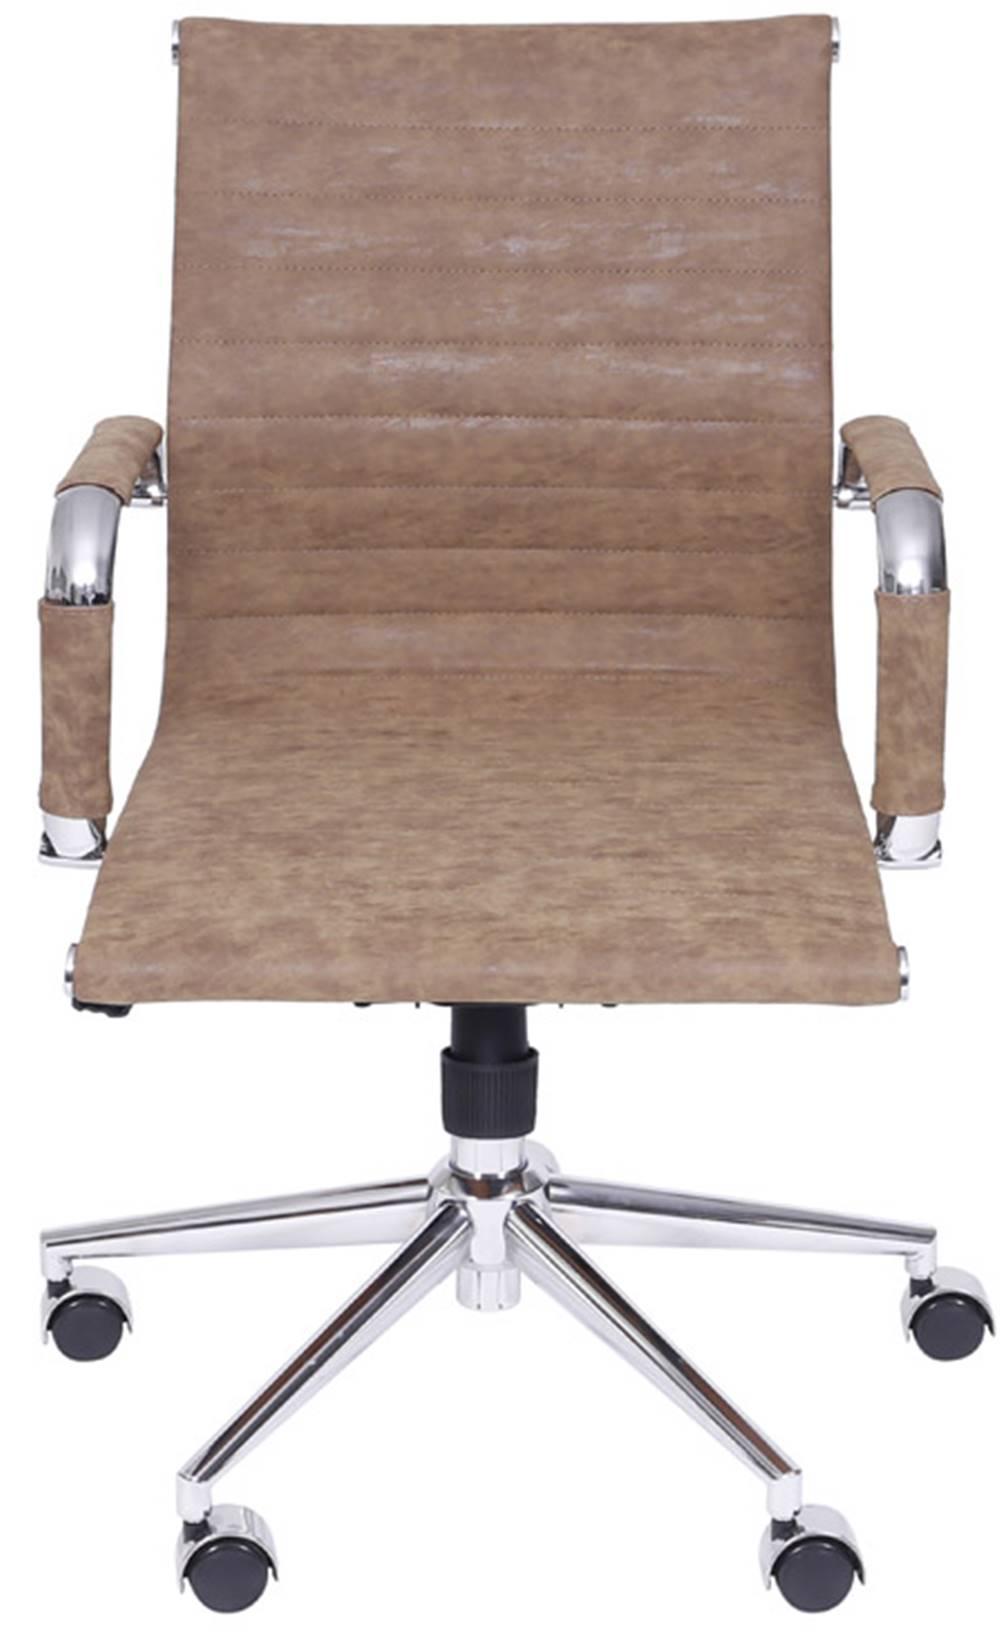 Cadeira Escritorio Eames Courissimo Retro Caramelo - 36910